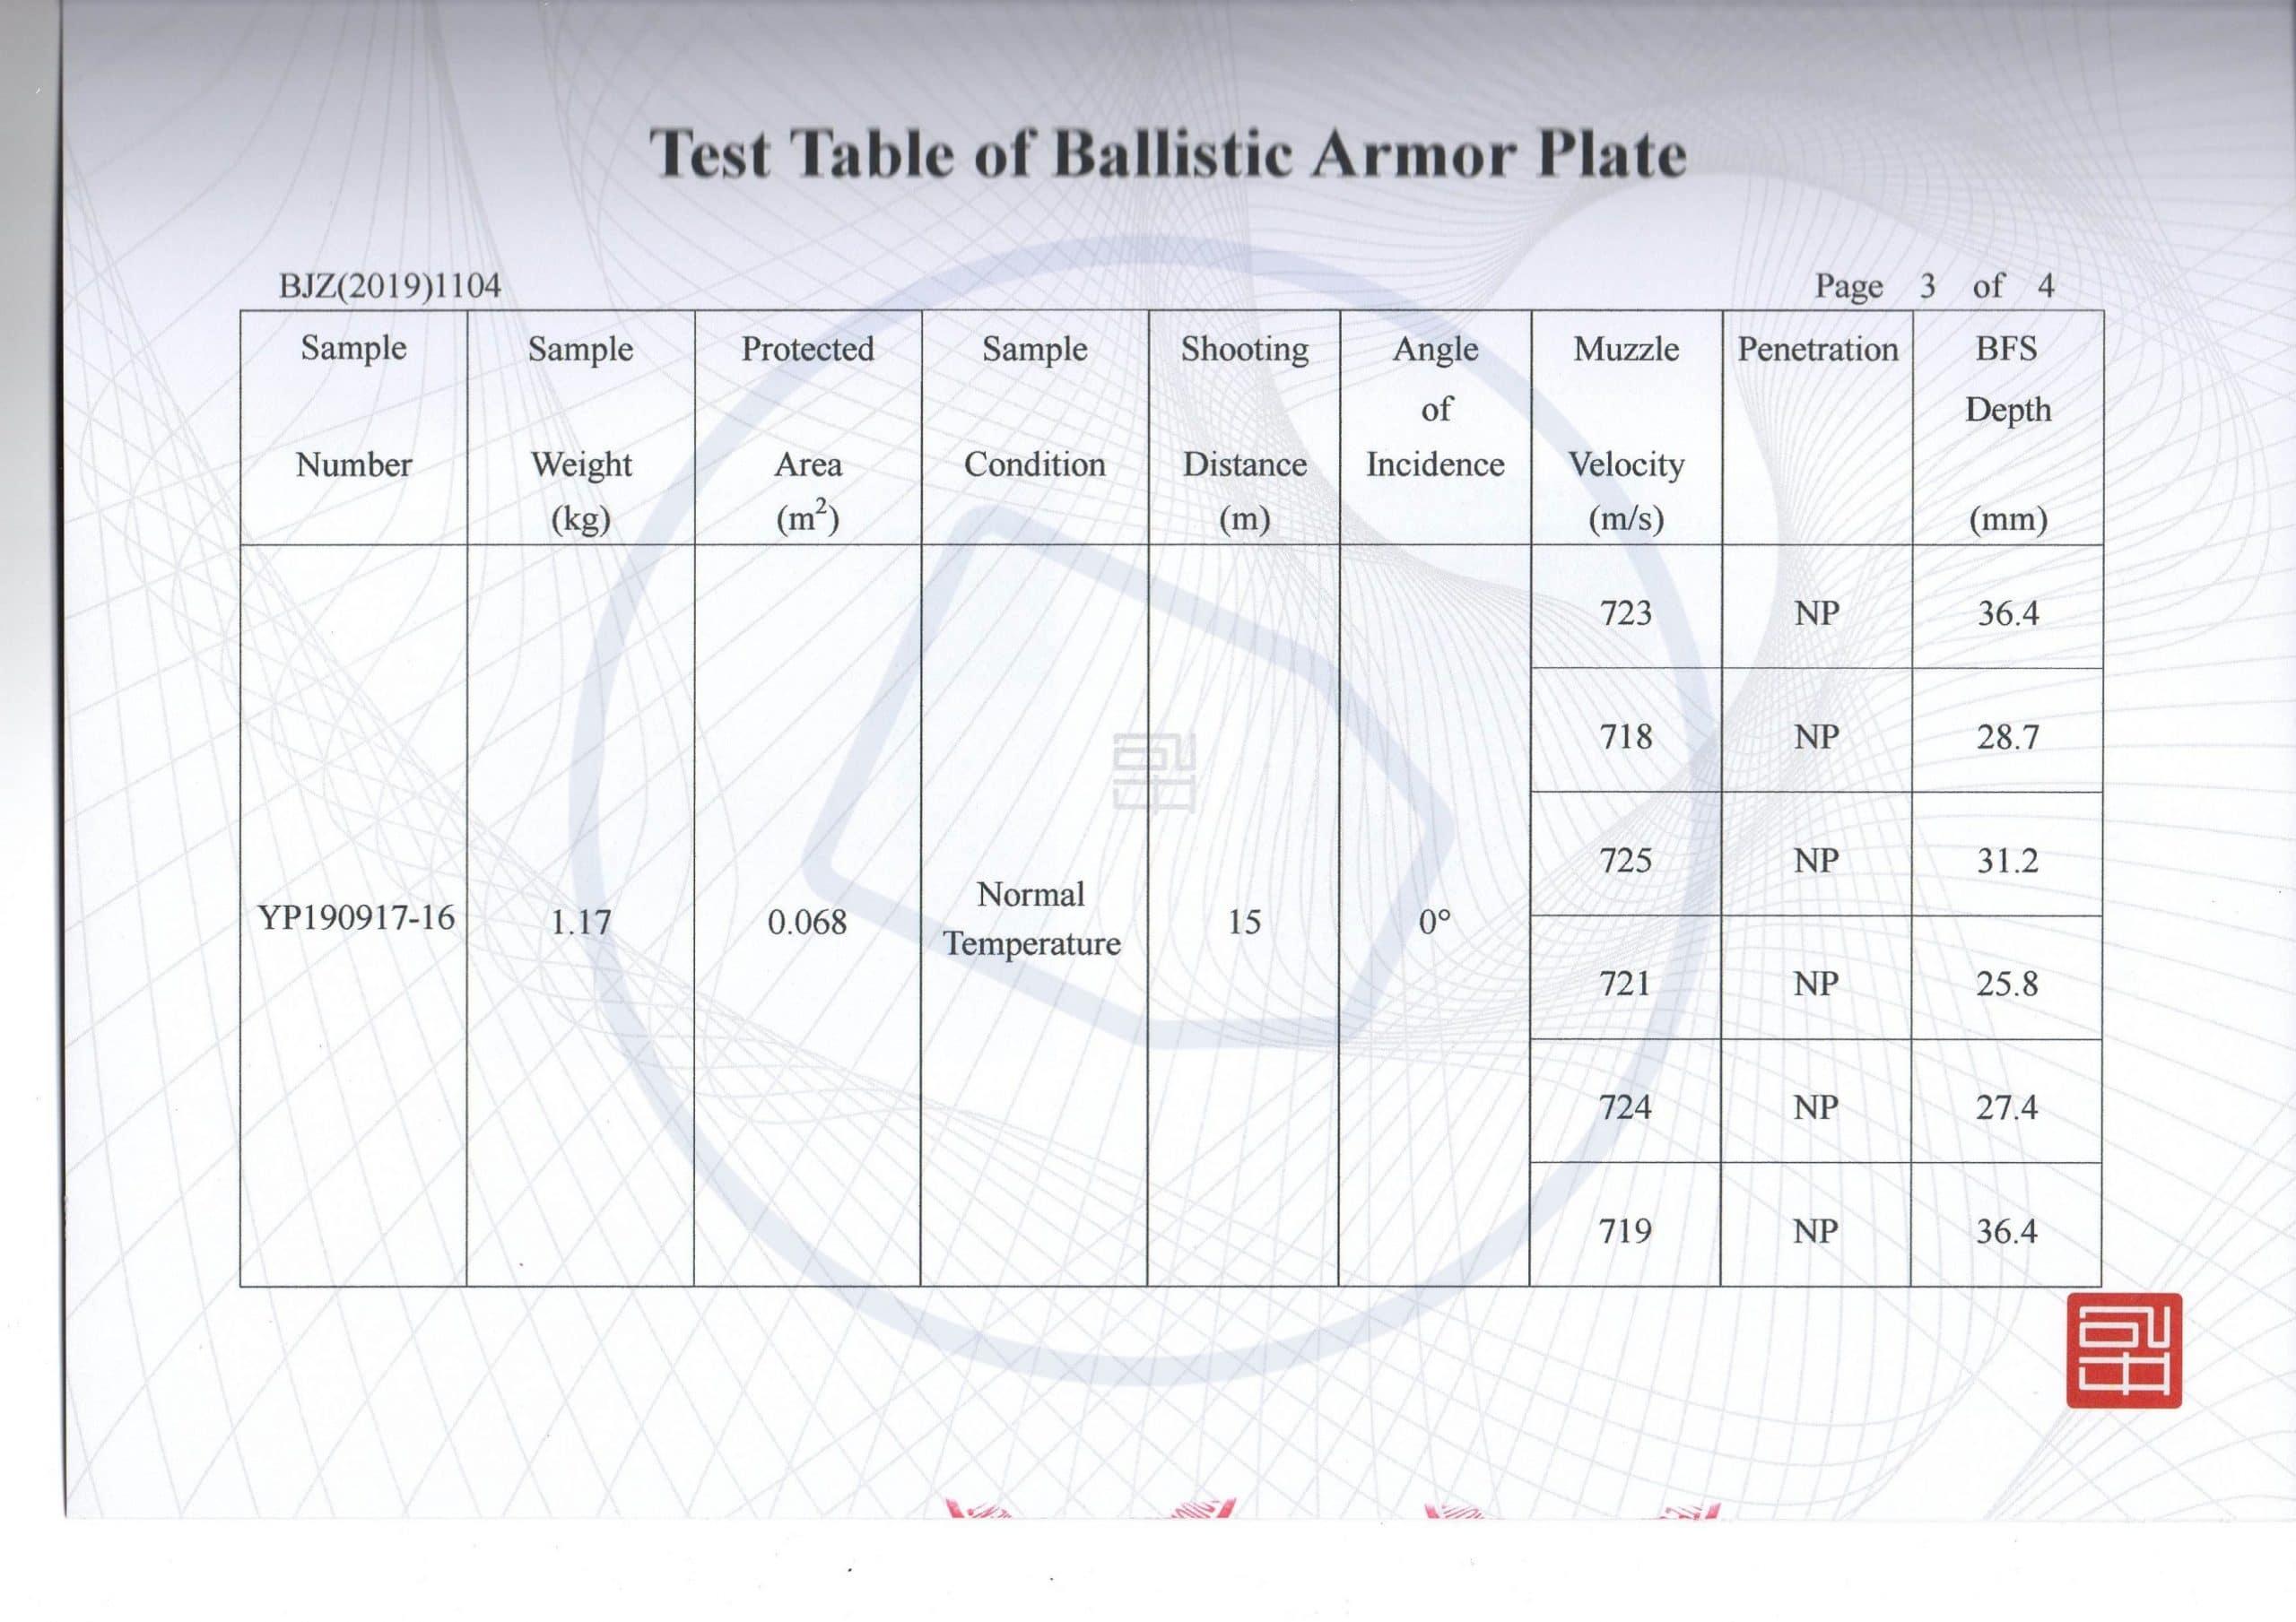 16kg hb90 bulletproof plate test report of ak47 msc 2019 4